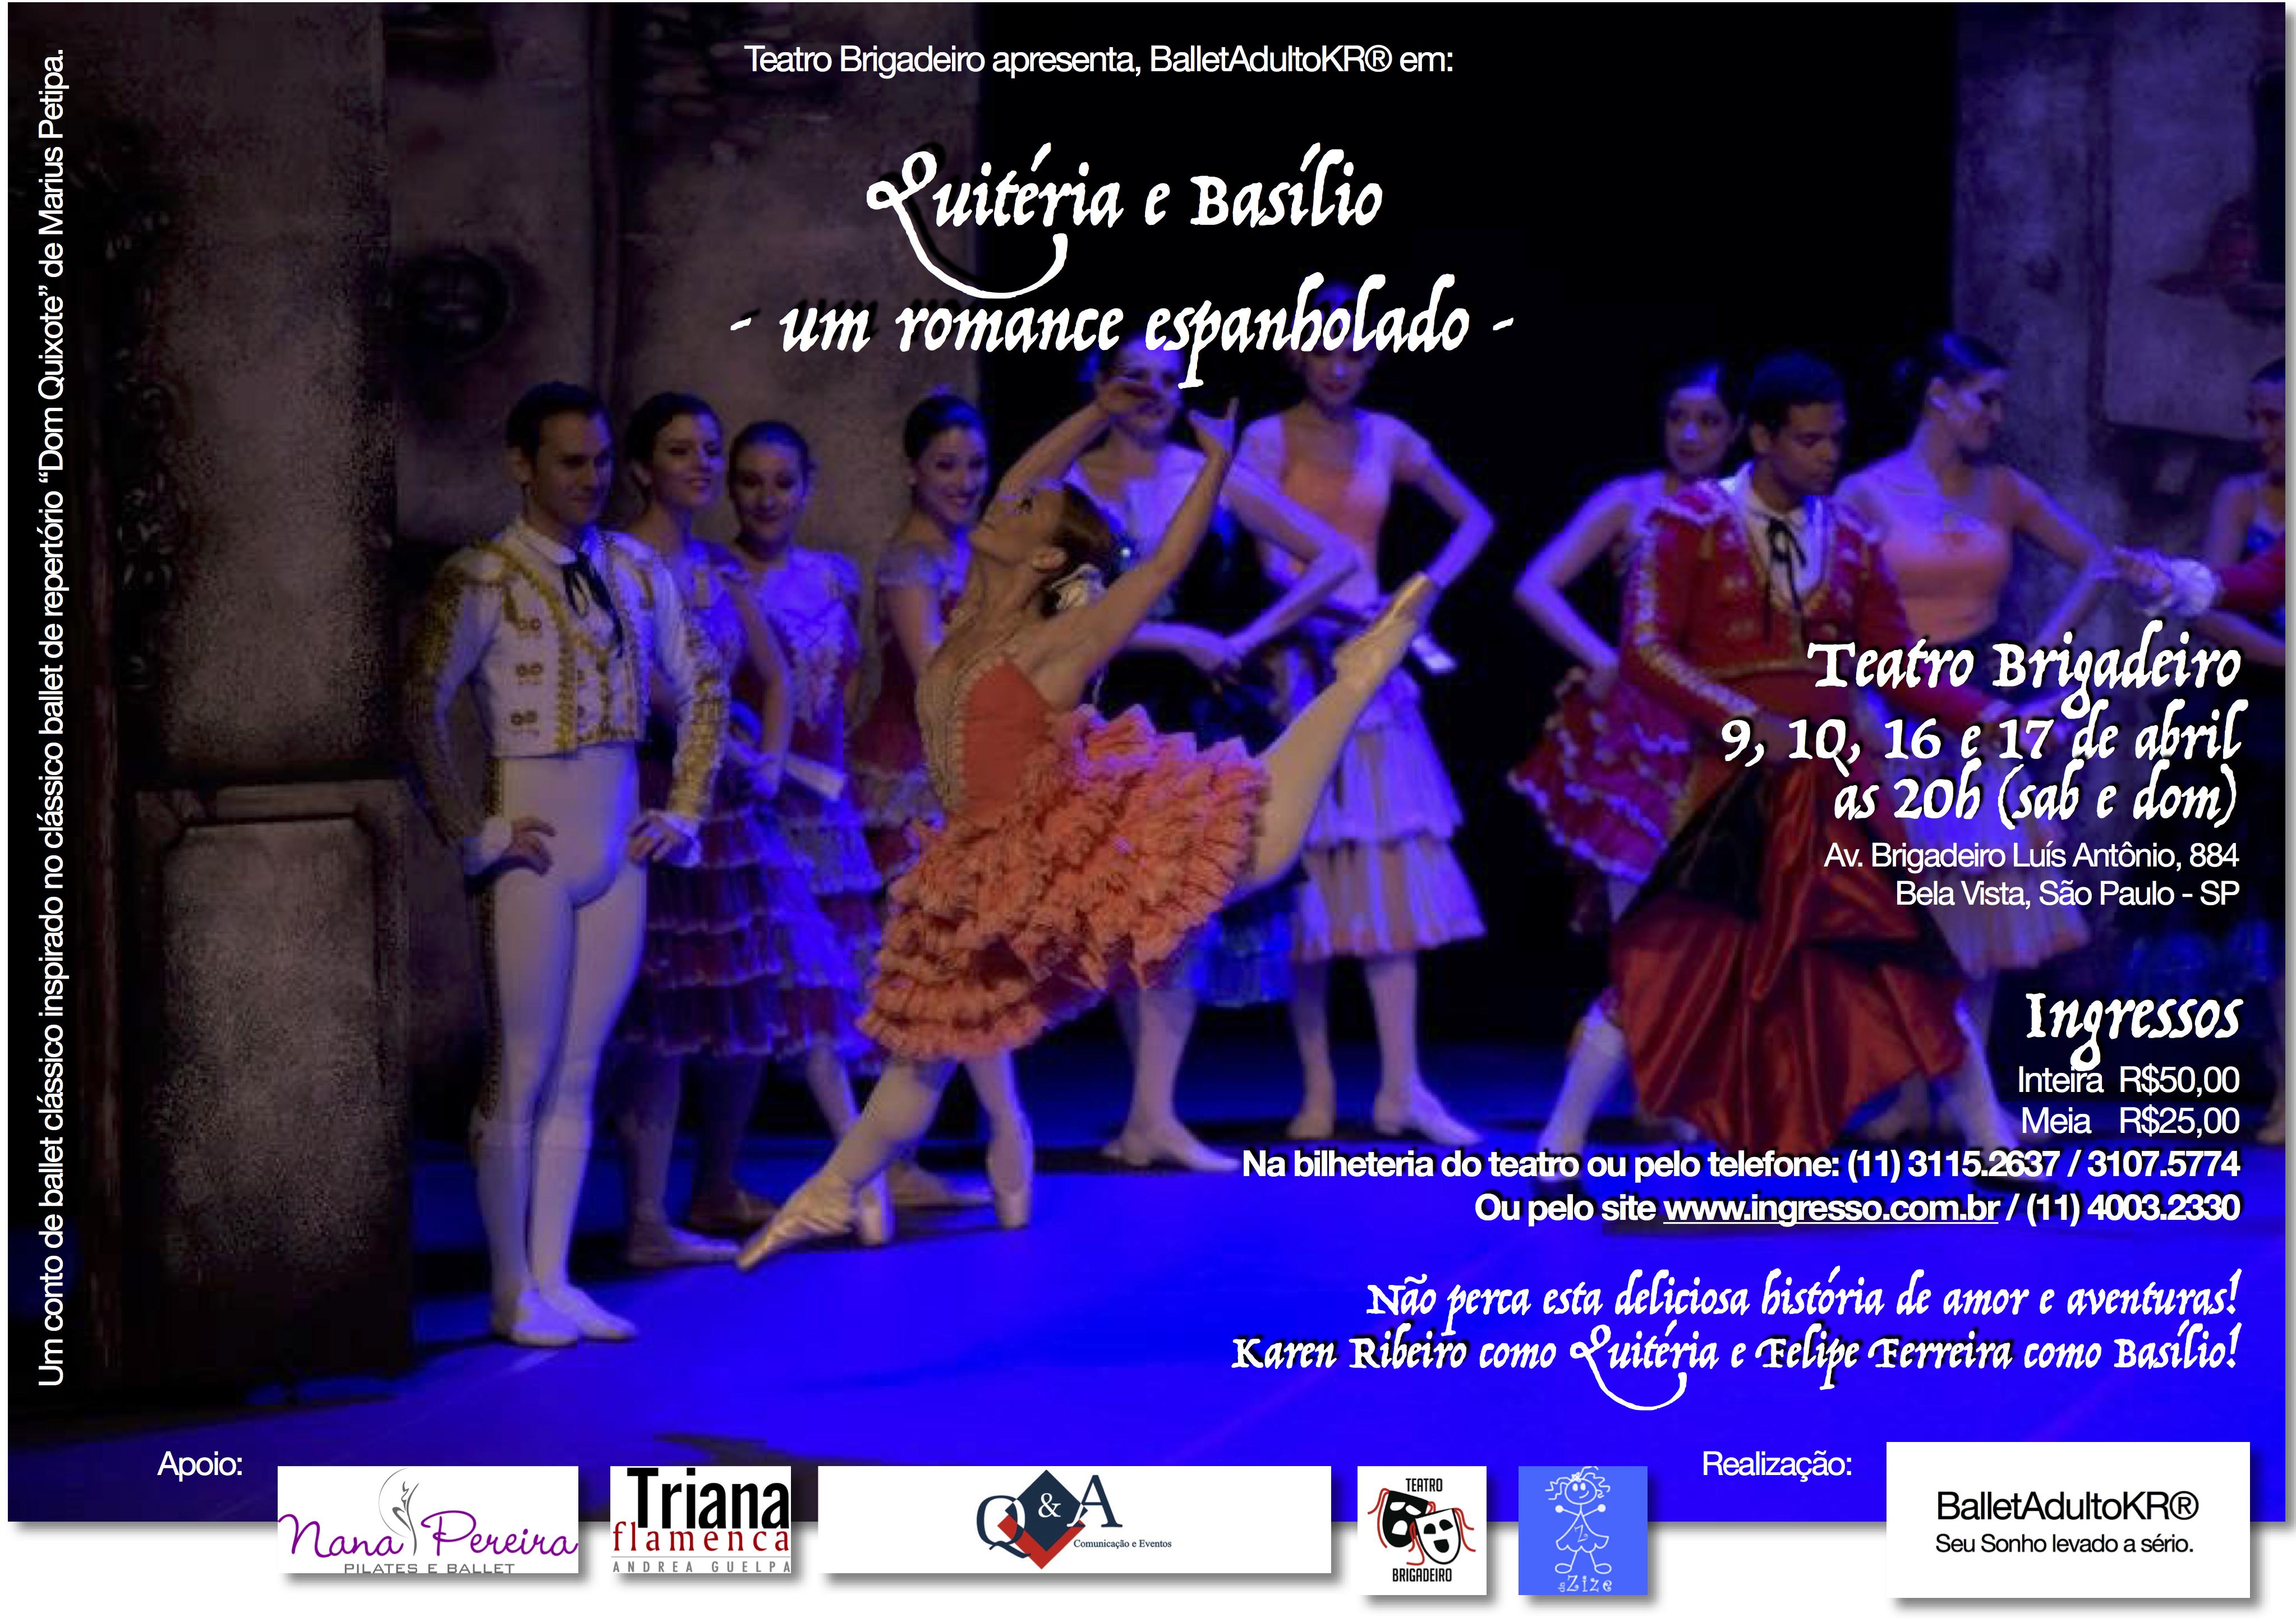 01 Quitéria e Basilio - Teatro Brigadeiro 2016.jpg